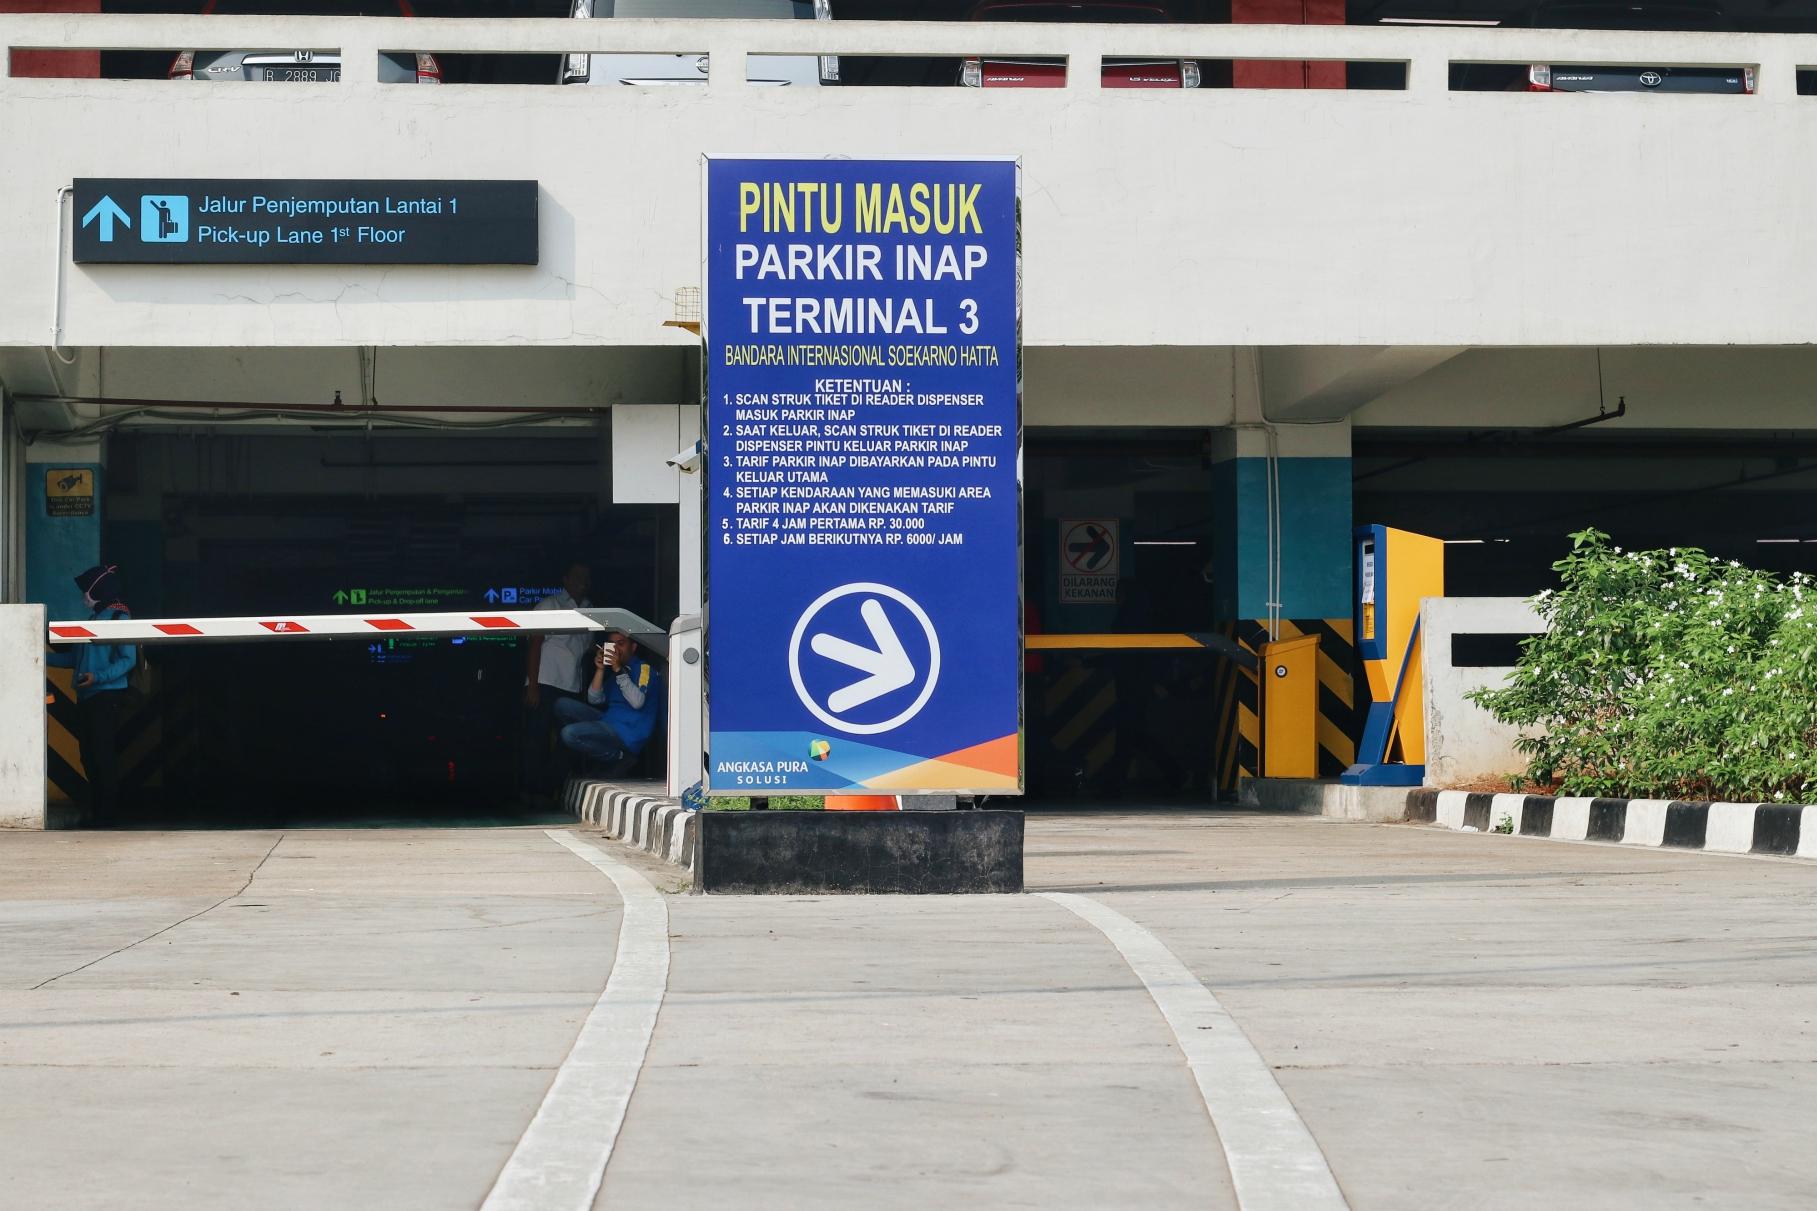 parkir6.jpg